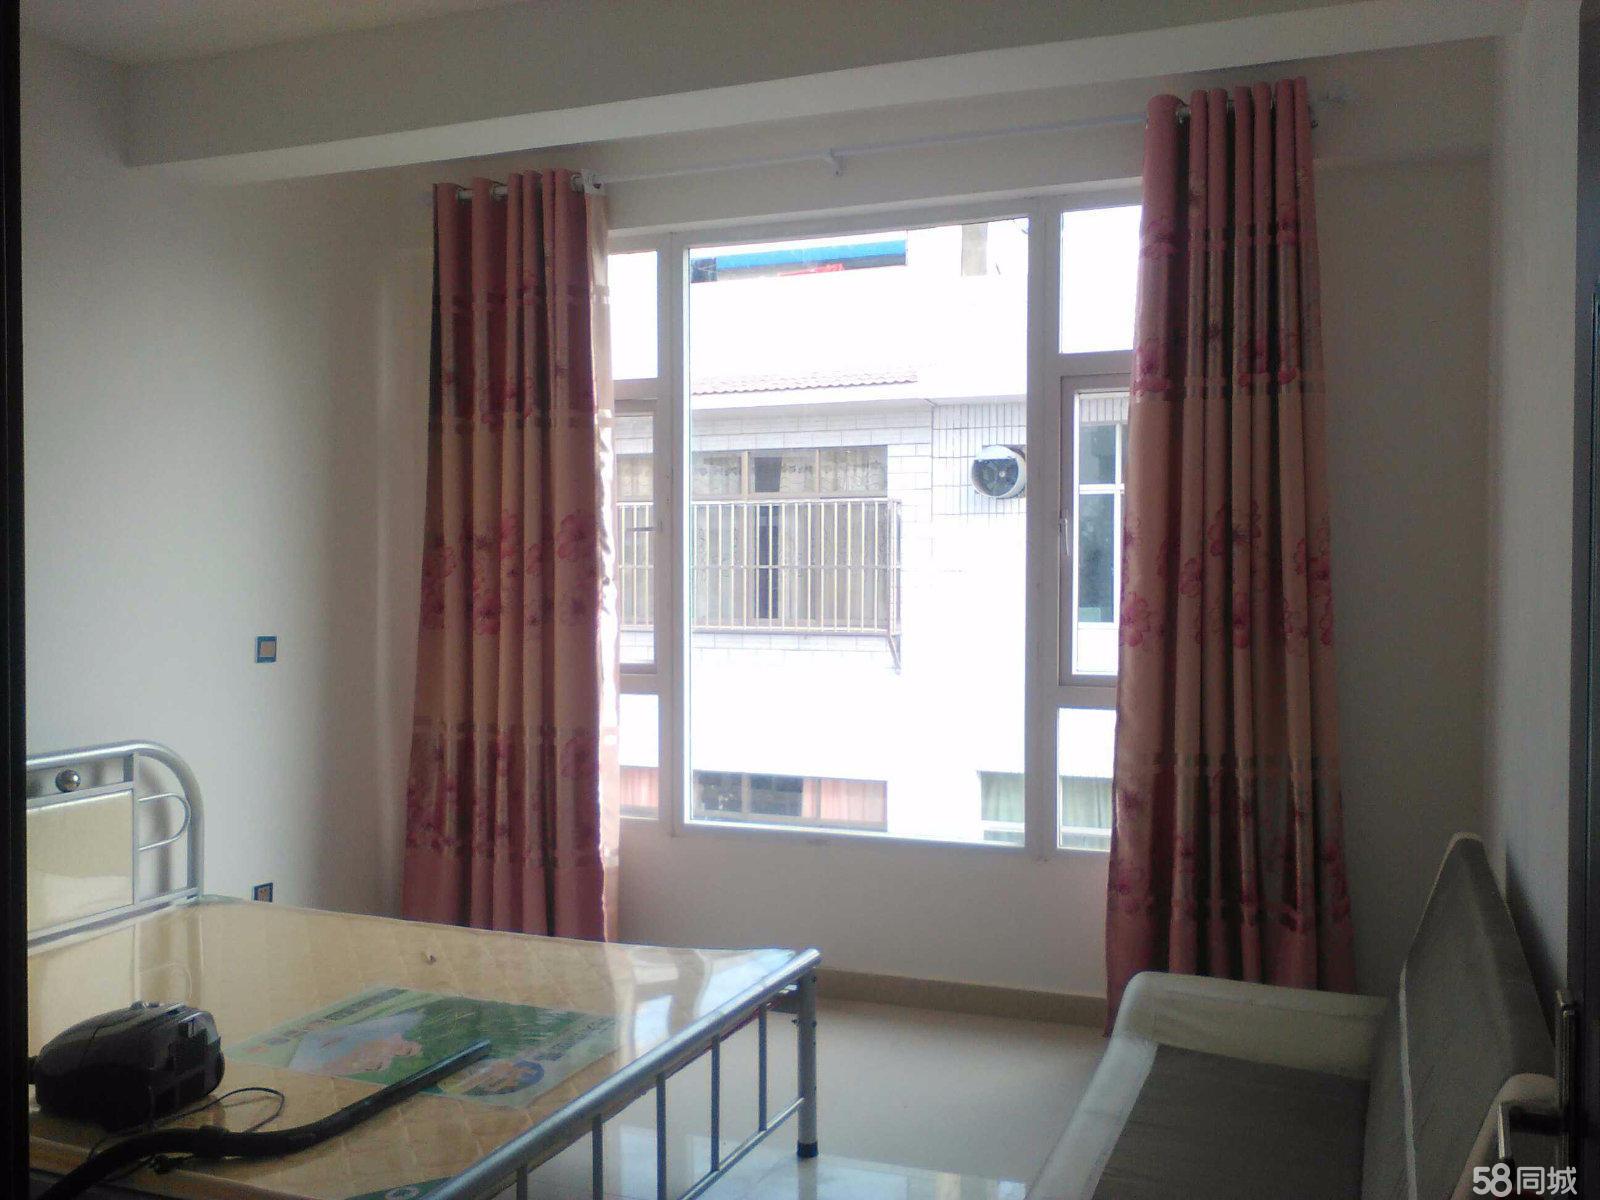 新一室一卫16平米红塔区文化路第二人民医院旁